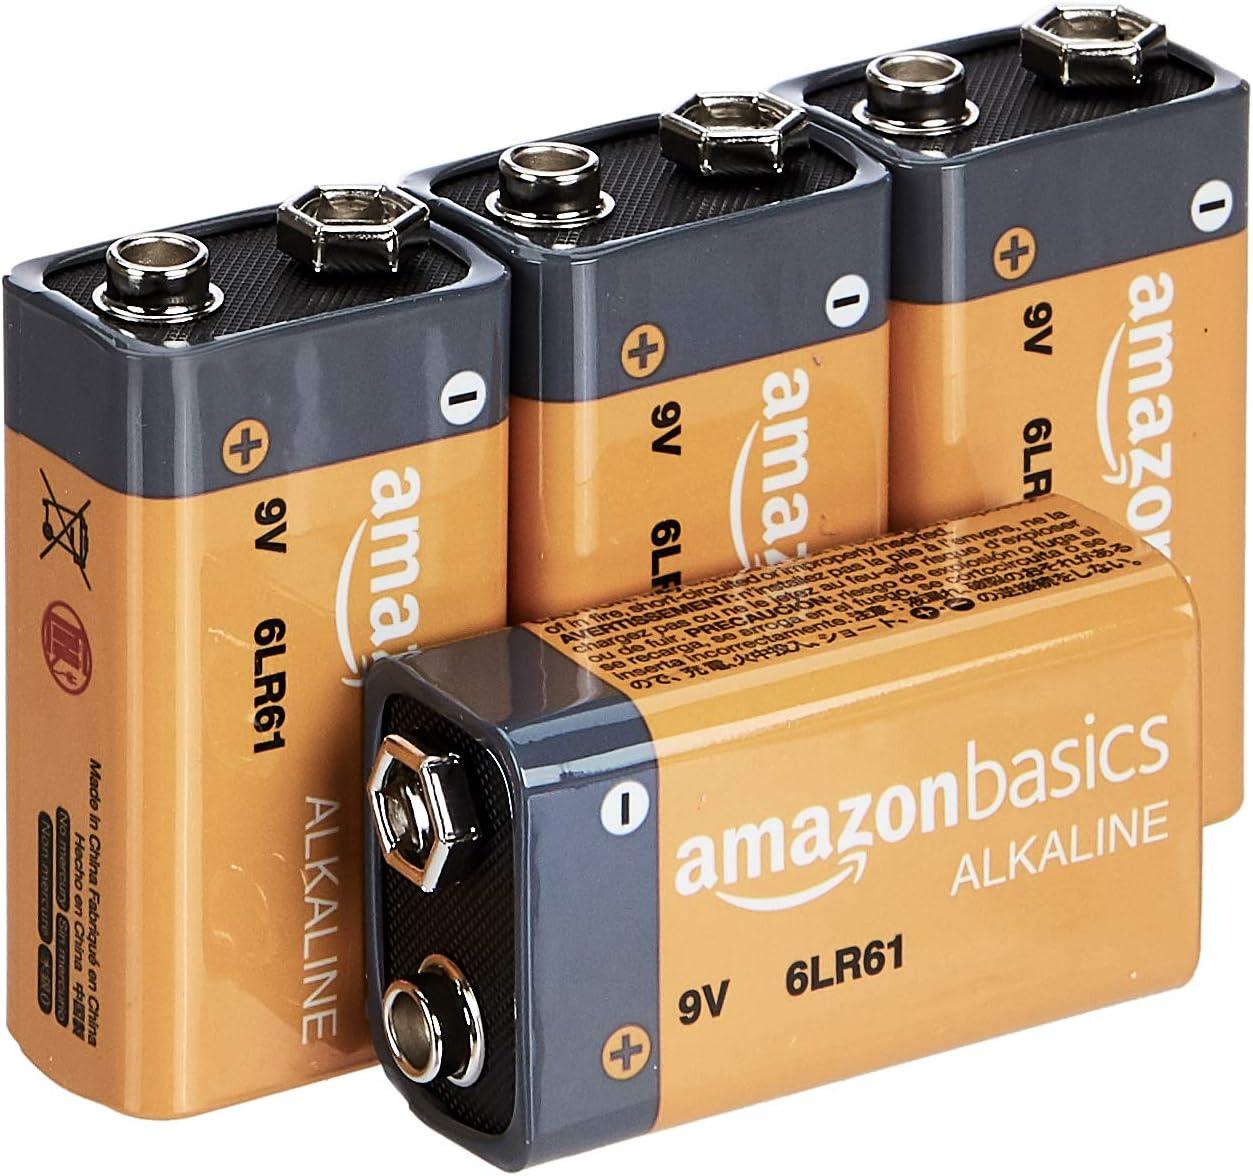 AmazonBasics - Pilas alcalinas de 9 voltios, gama Everyday, paquete de 4 (el aspecto puede variar)